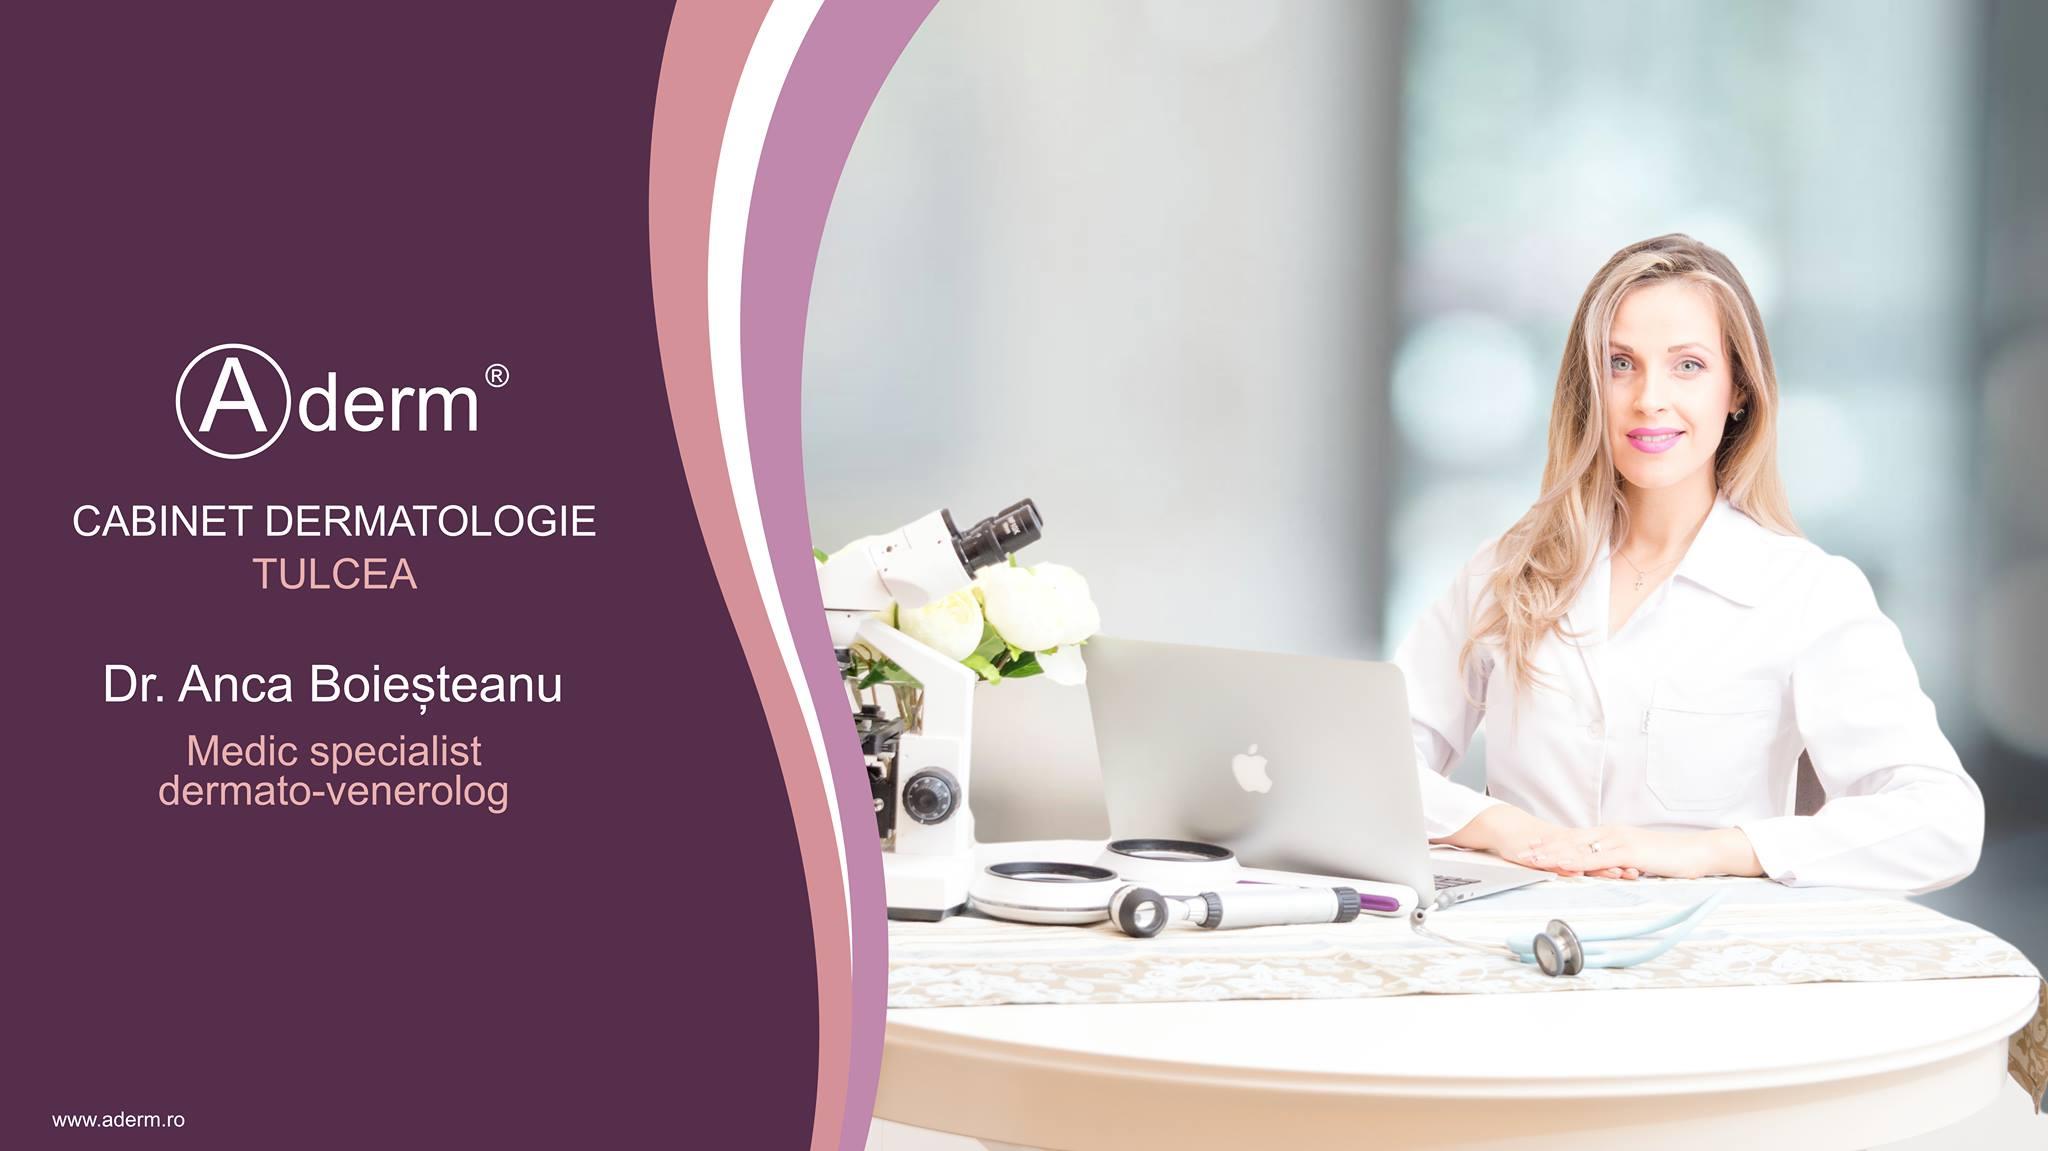 Cabinet dermatologie Tulcea Dr. Anca Boiesteanu